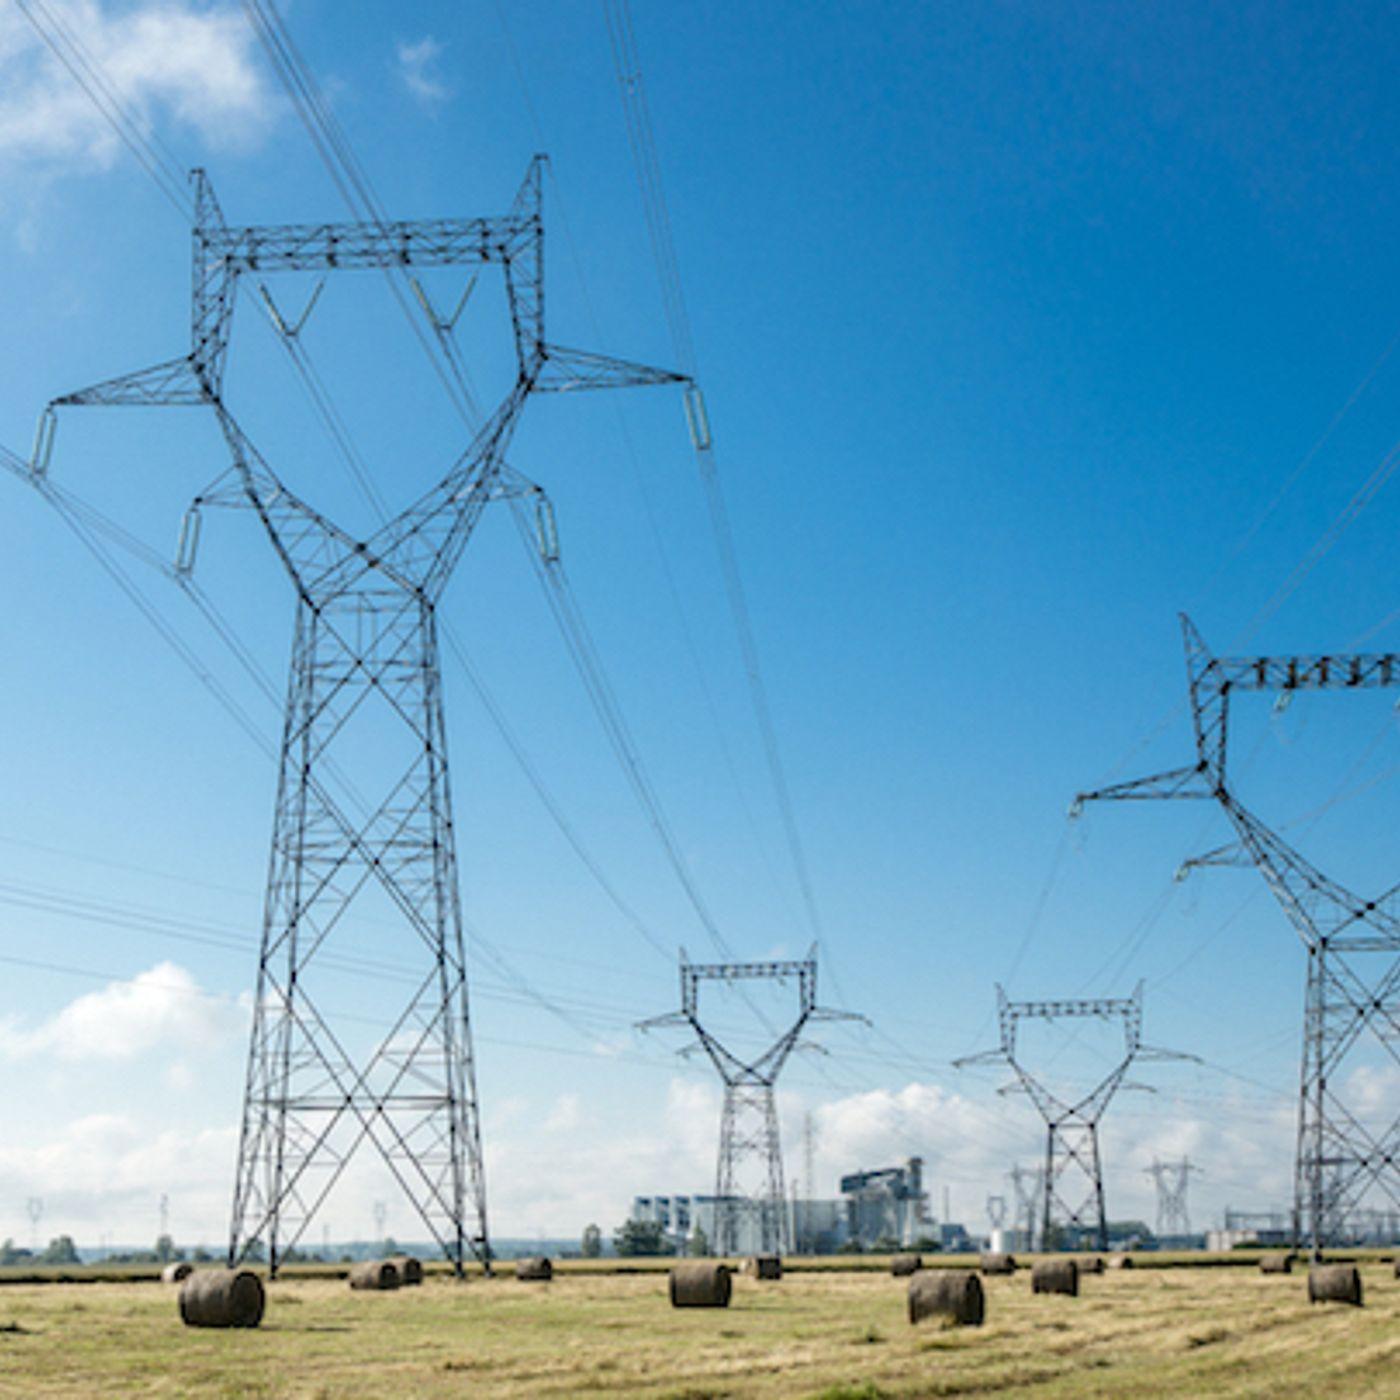 Cybersécurité: quels besoins pour la protection des réseaux électriques?